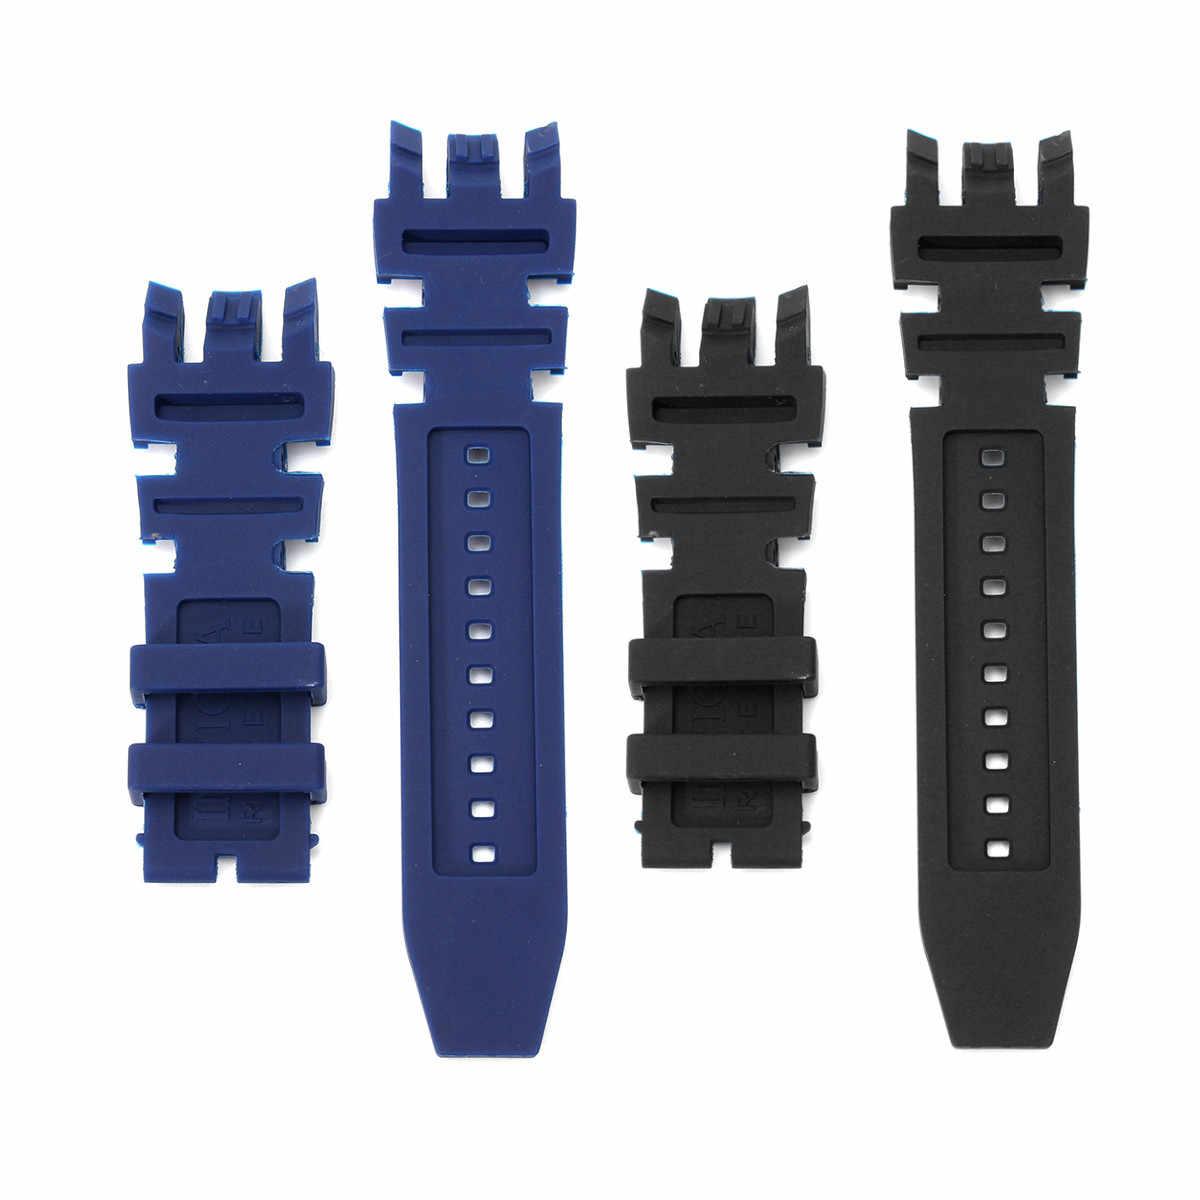 Nuevo Kit de banda de reloj de goma de silicona azul negro para Invicta Subaqua reserva analógica Diver correa de repuesto reloj de hombre